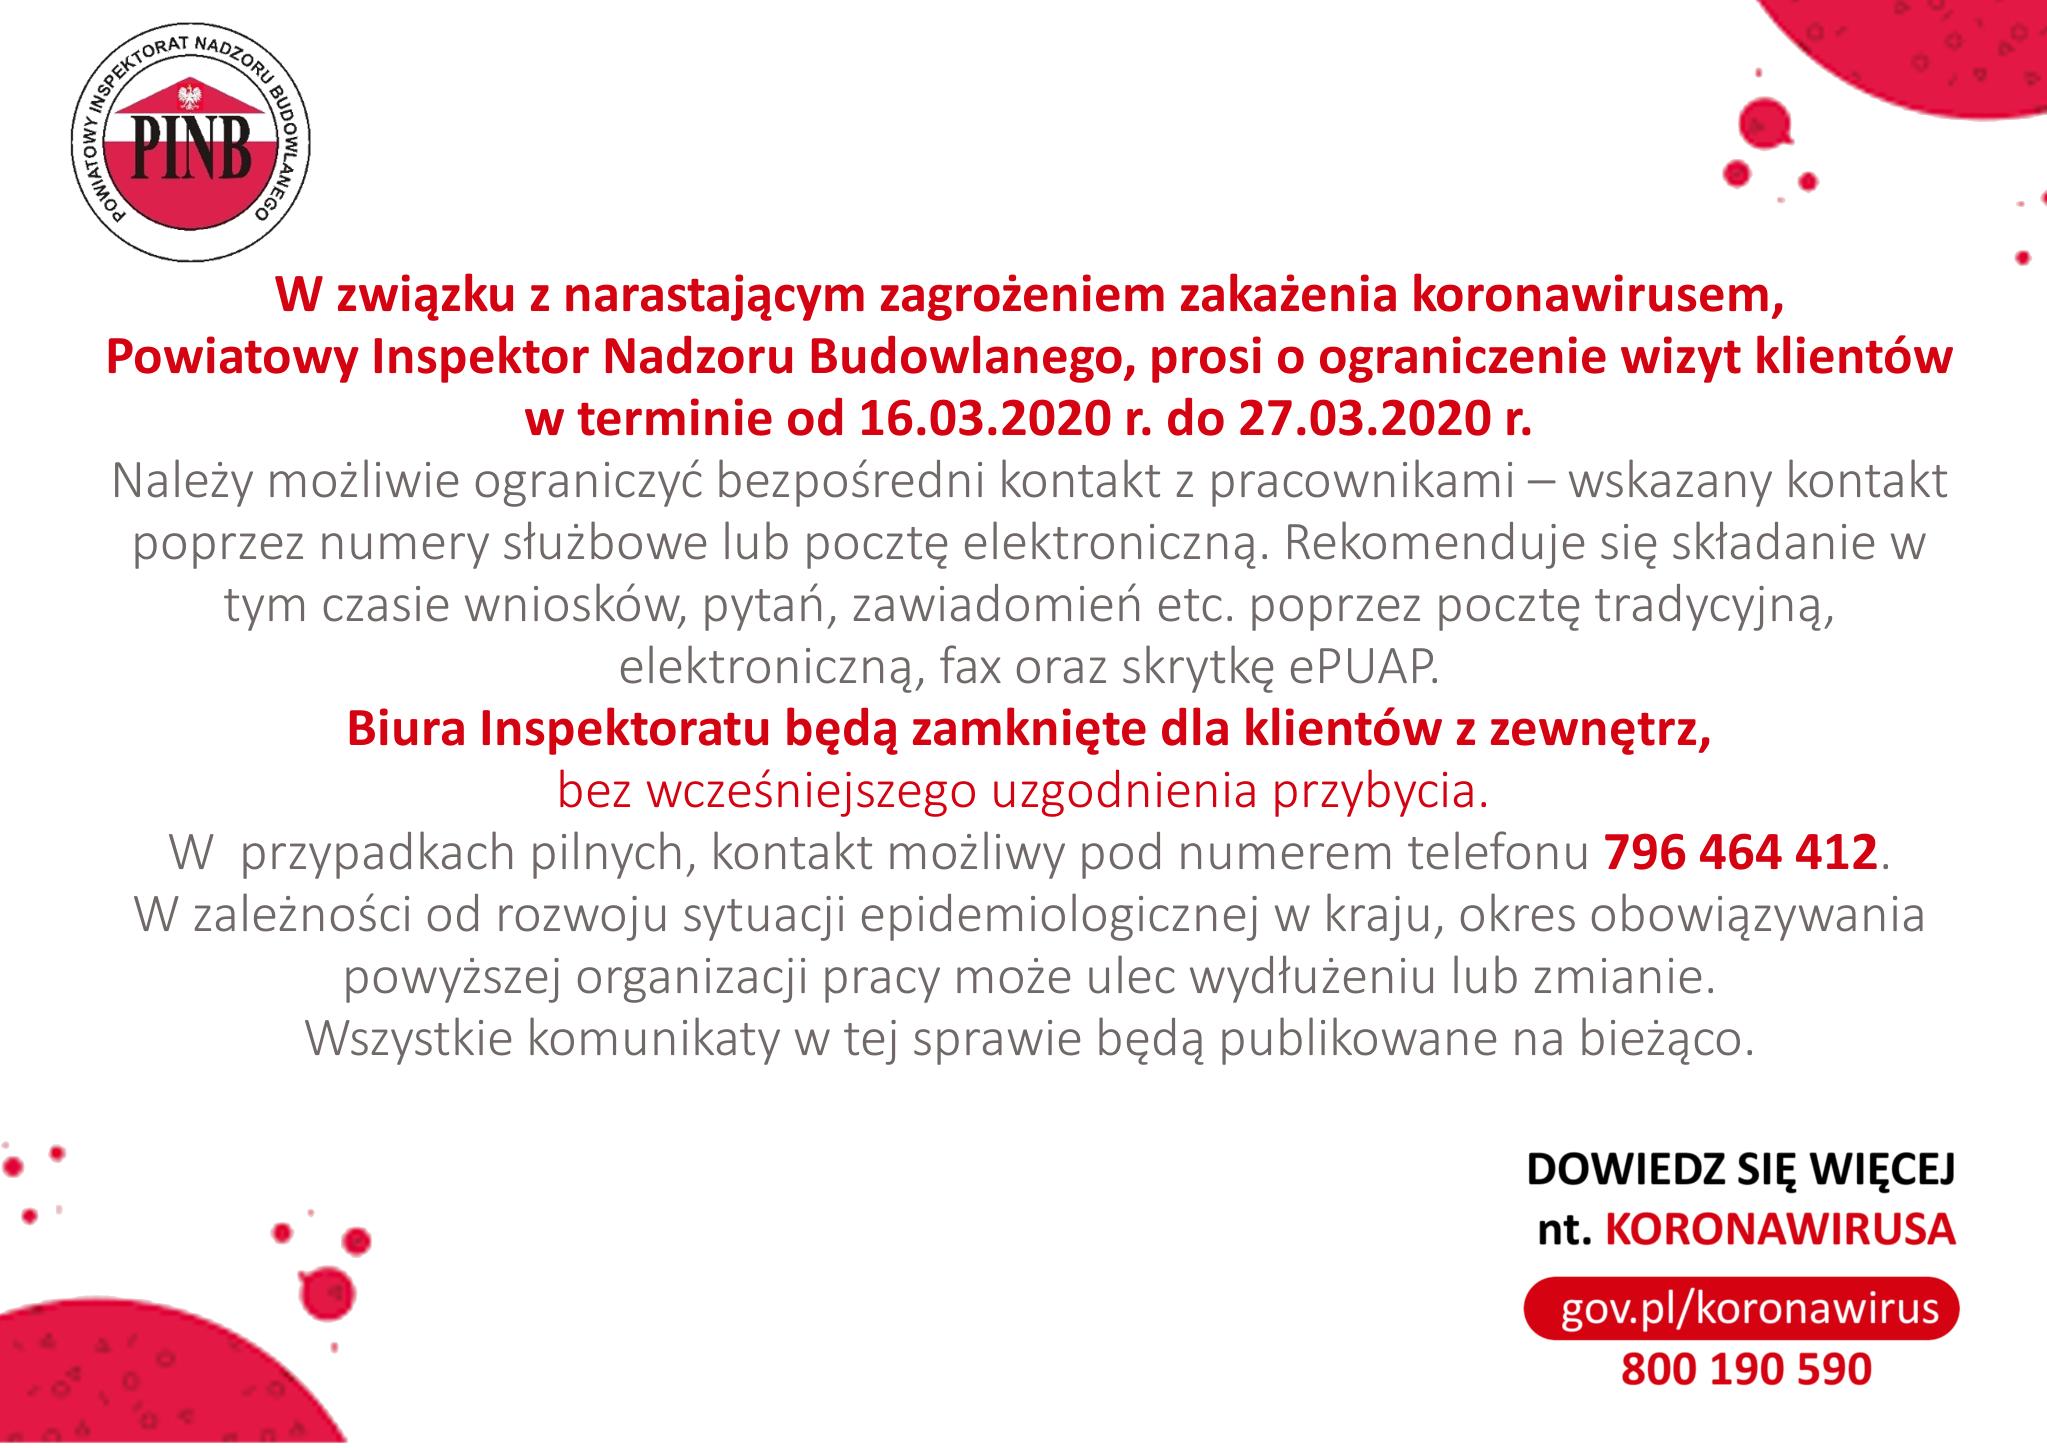 Ilustracja do informacji: Komunikat Powiatowego Inspektora Nadzoru Budowlanego dotyczący organizacji pracy w związku z zagrożeniem zakażenia koronawirusem.